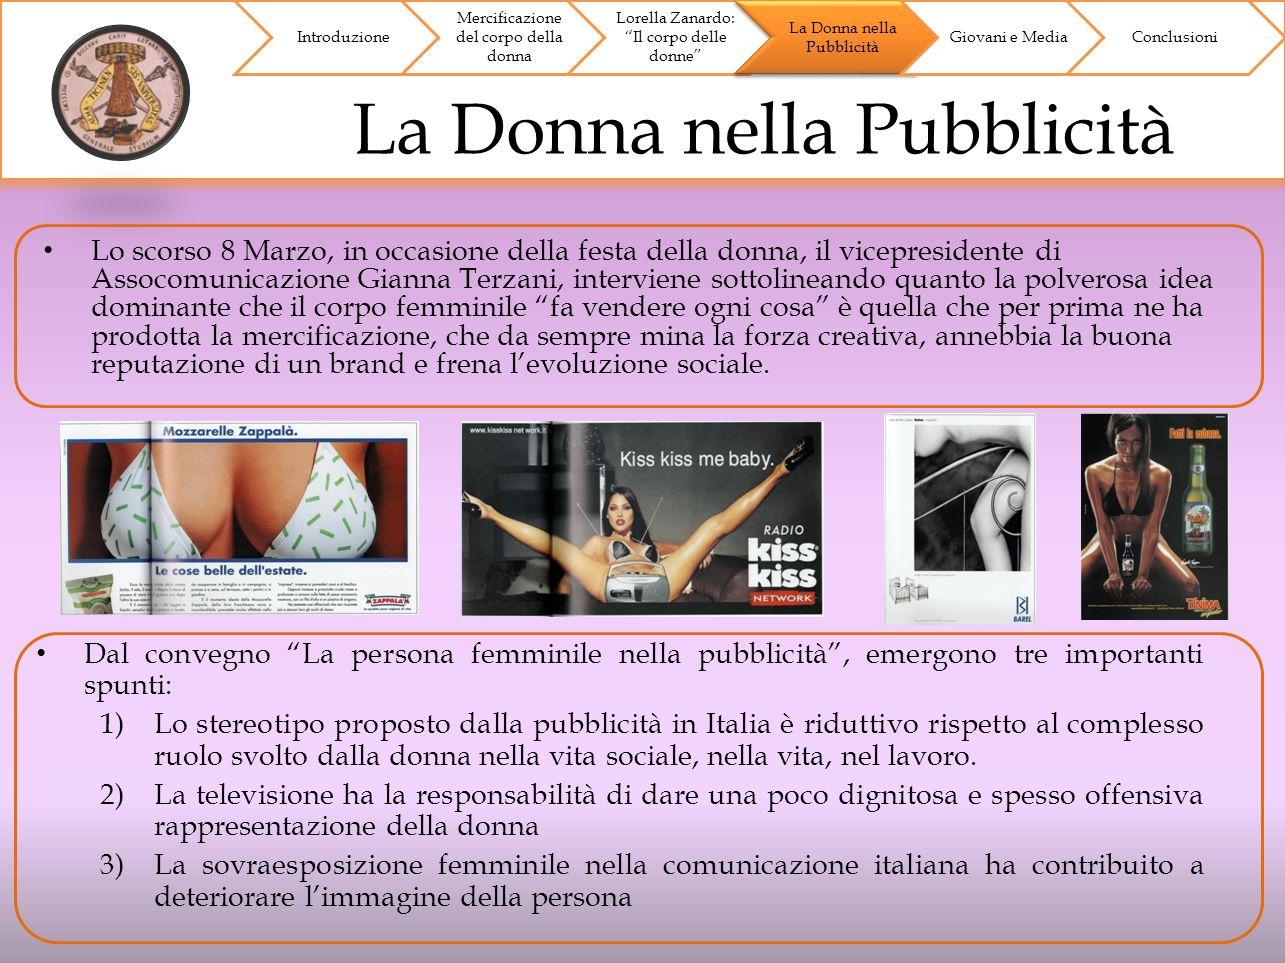 Lo scorso 8 Marzo, in occasione della festa della donna, il vicepresidente di Assocomunicazione Gianna Terzani, interviene sottolineando quanto la pol